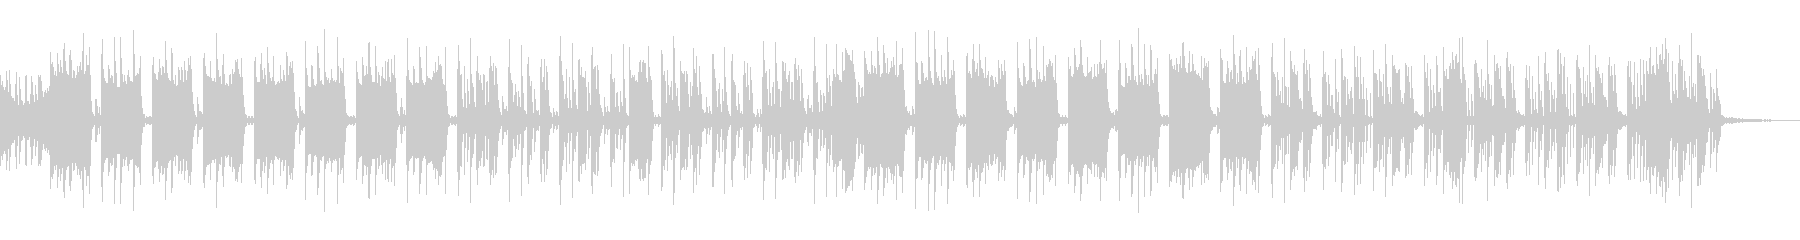 コミカルな曲調のエレクトロニックの未再生の波形